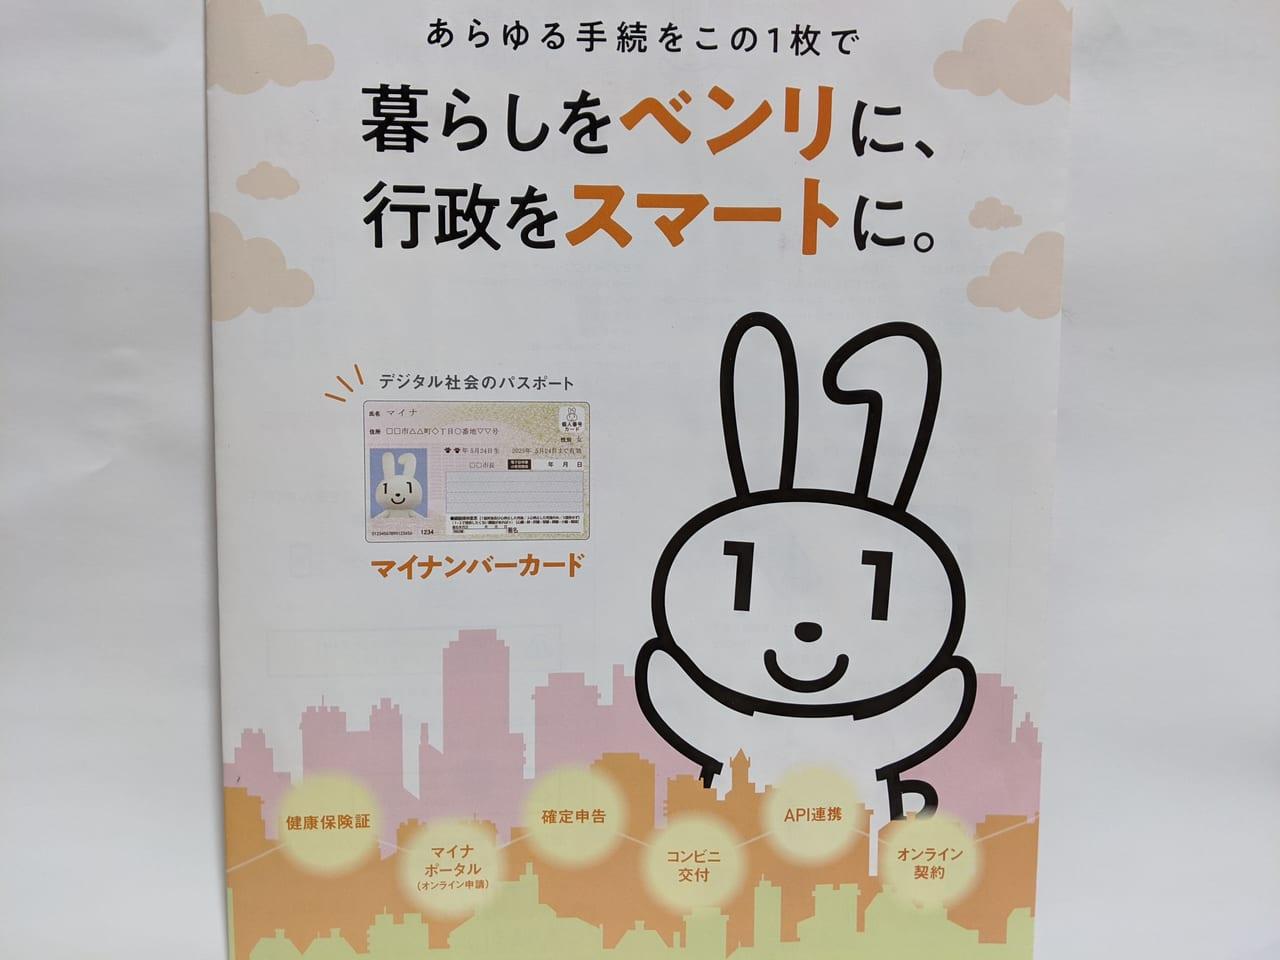 佐賀 市 ナンバーカード マイ